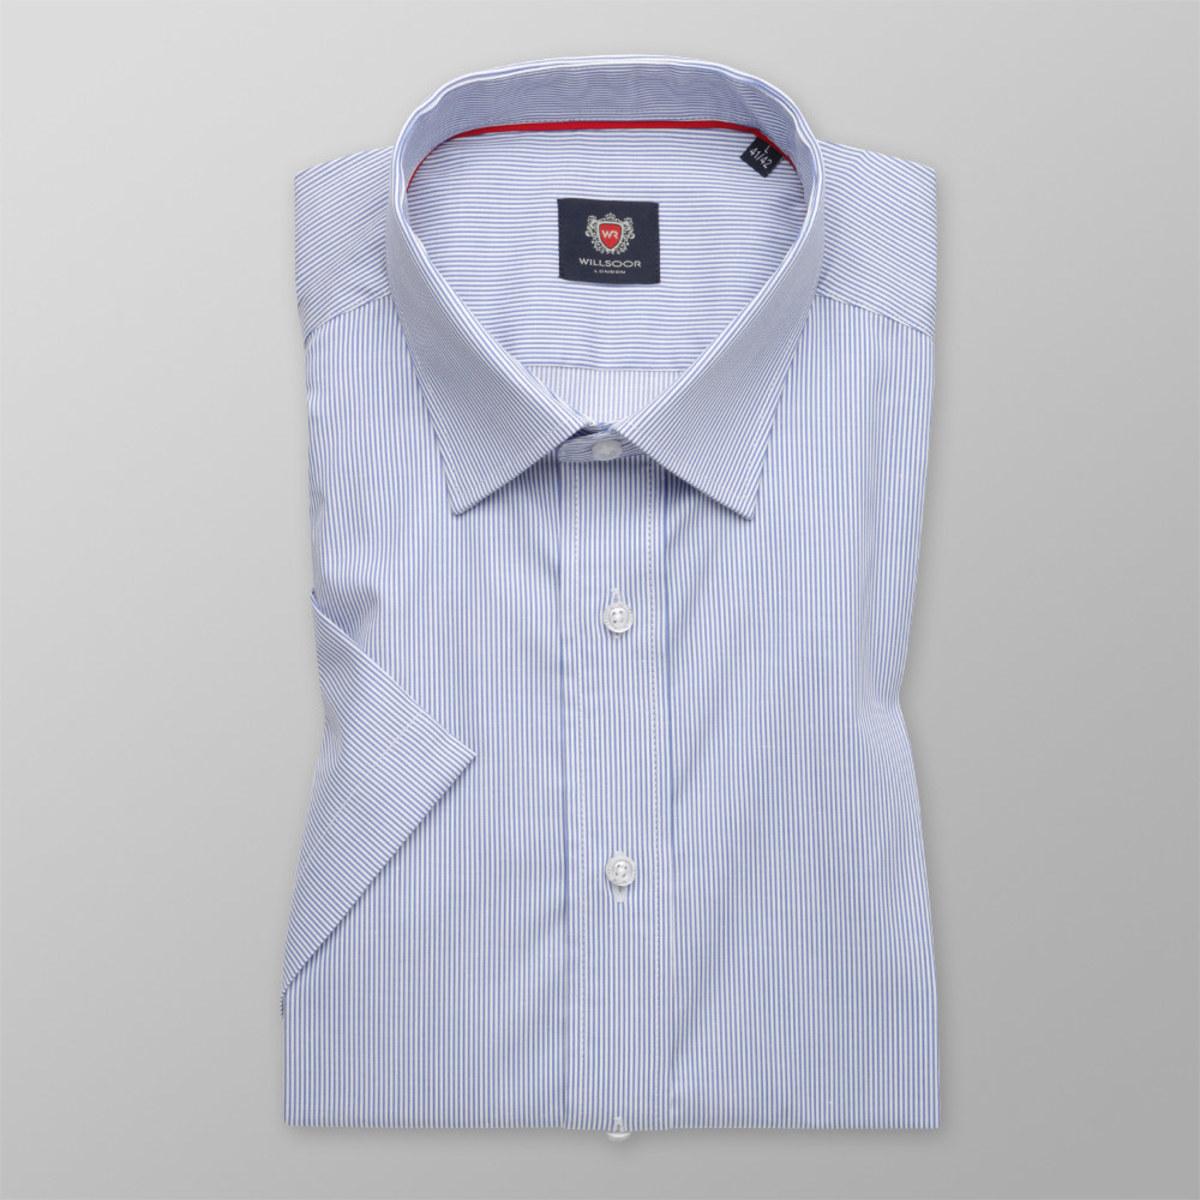 Košeľa London bledo modrý pruhovaný vzor (výška 176 - 182) 10524 176-182 / L (41/42)